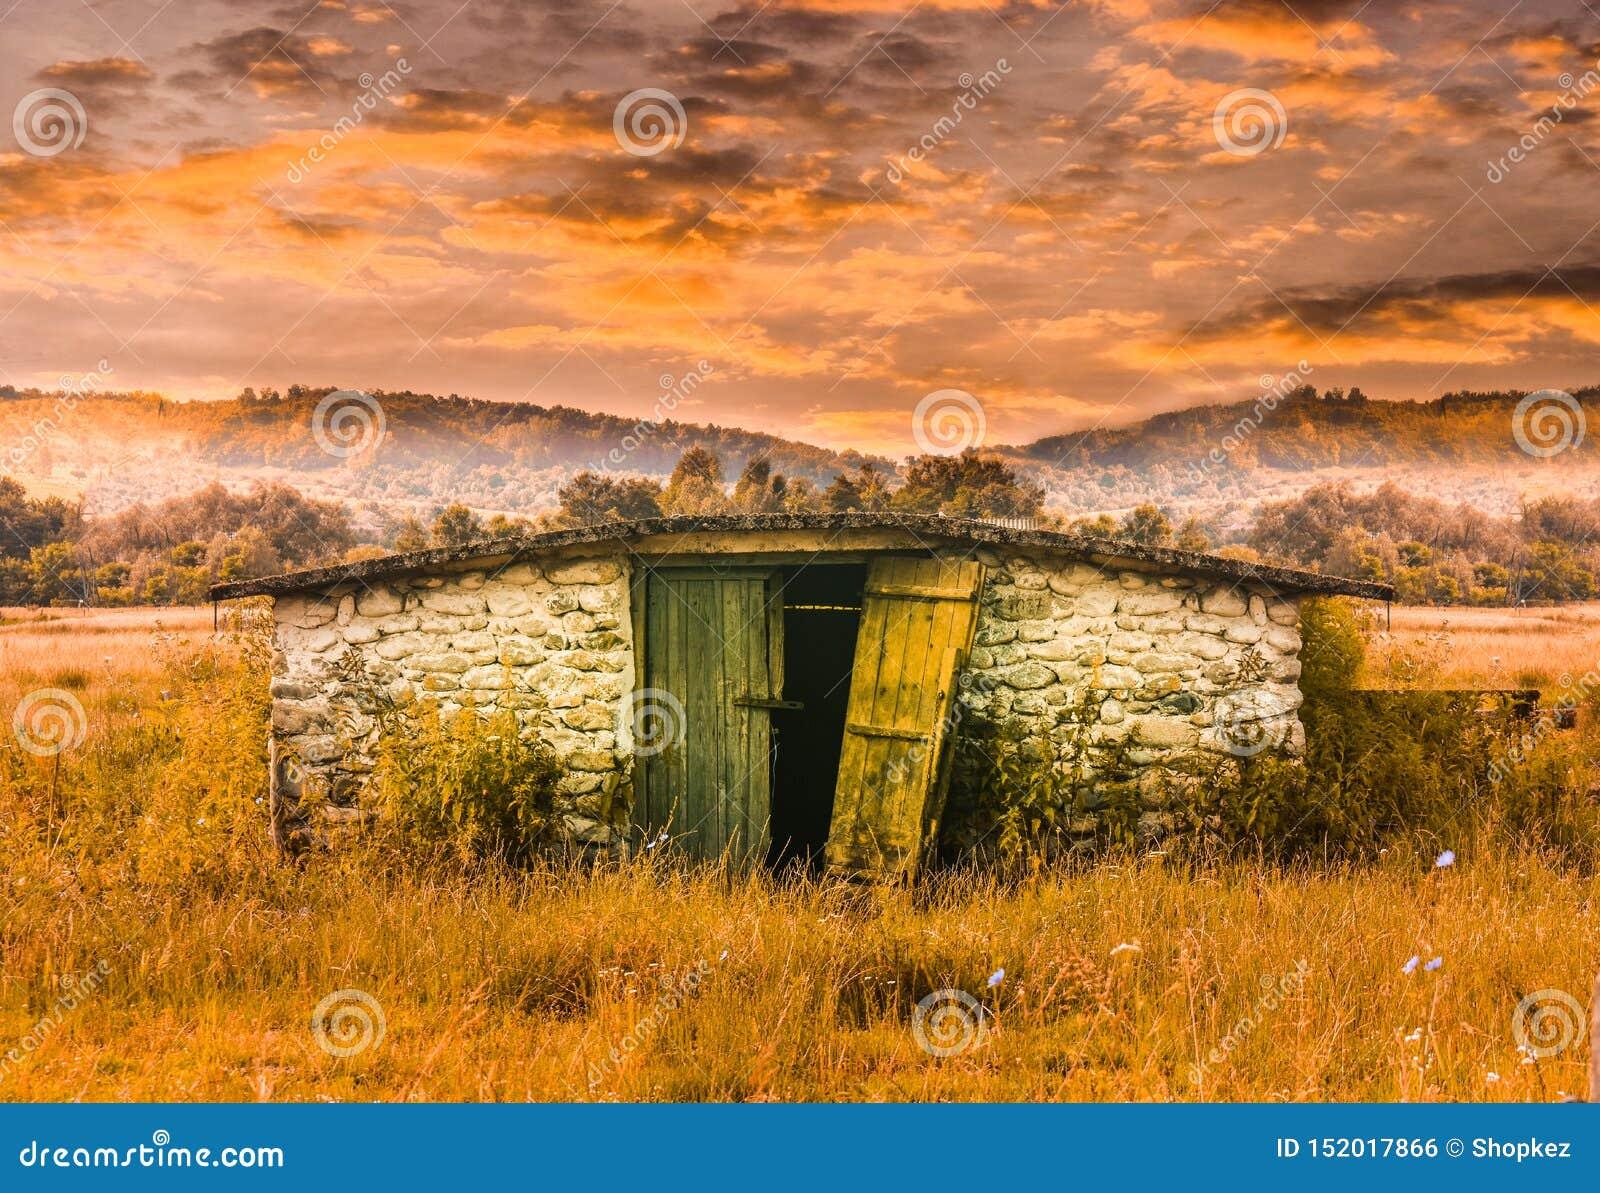 Каменное здание амбара в поле травы на заходе солнца Получившийся отказ старый сарай в сцене сказки Введенное в моду фото запаса